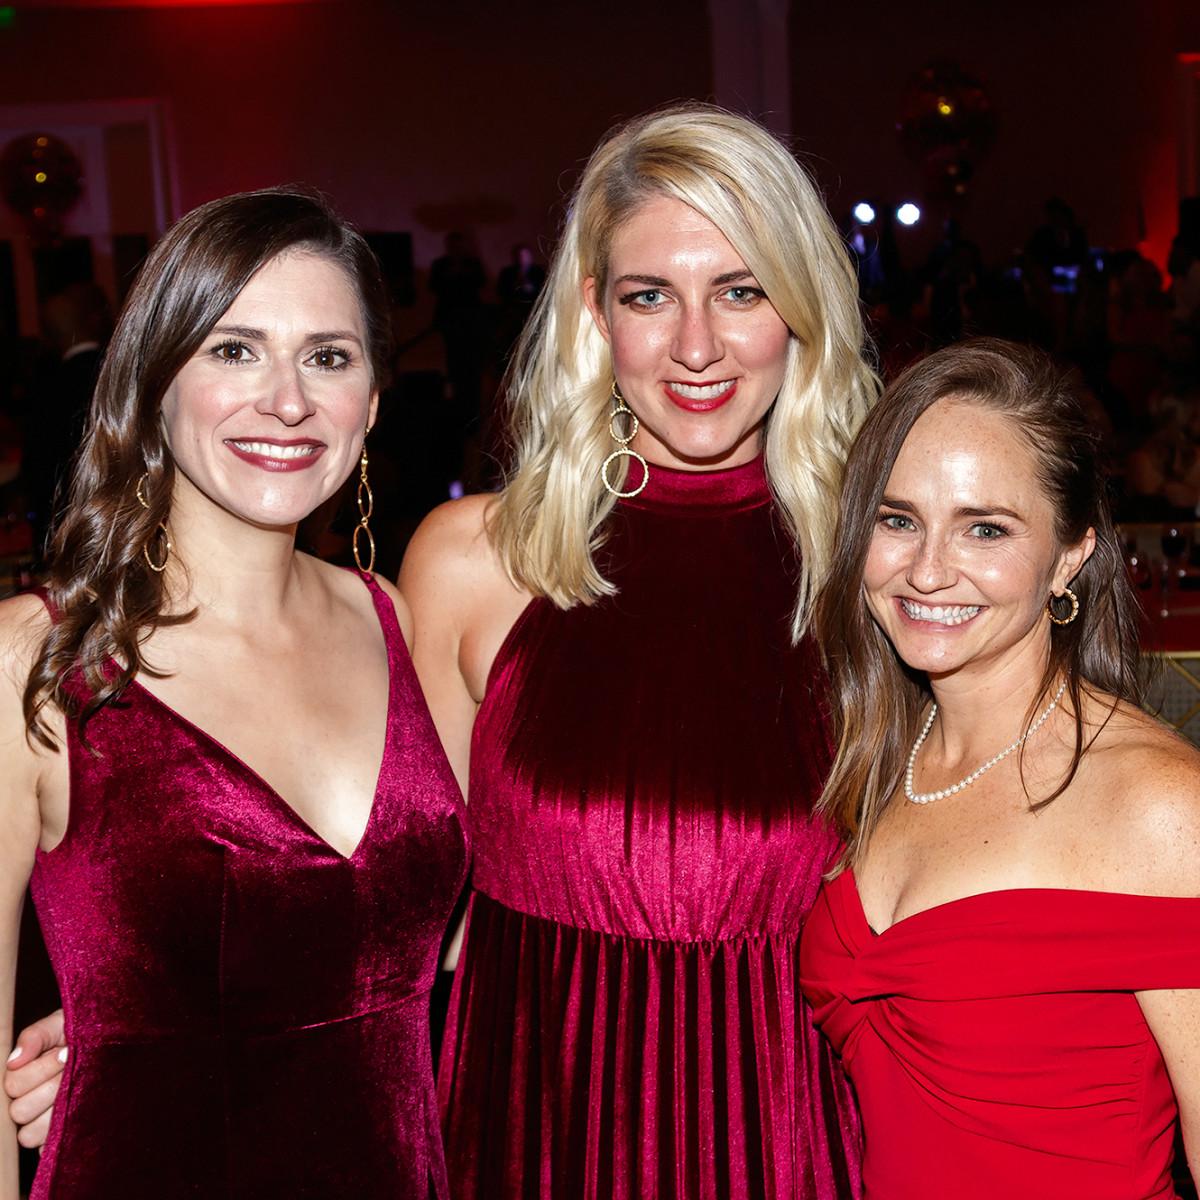 Niki Landry, Chelsea Dora, Emily Hopkins